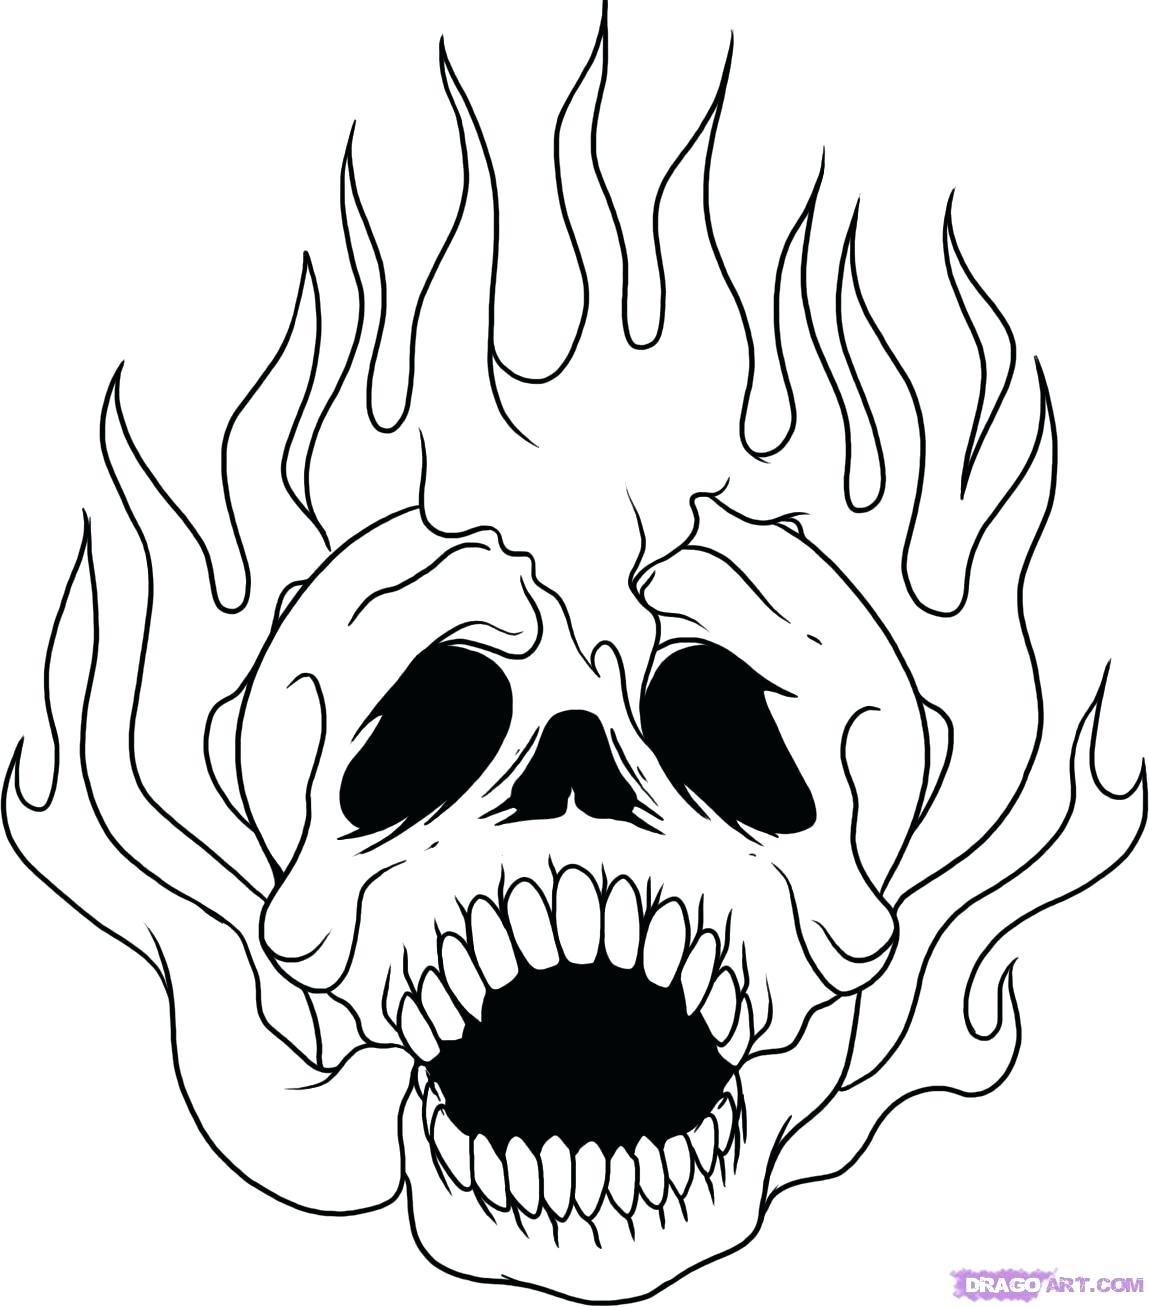 1149x1307 Urgent Coloring Pages Skulls Flames